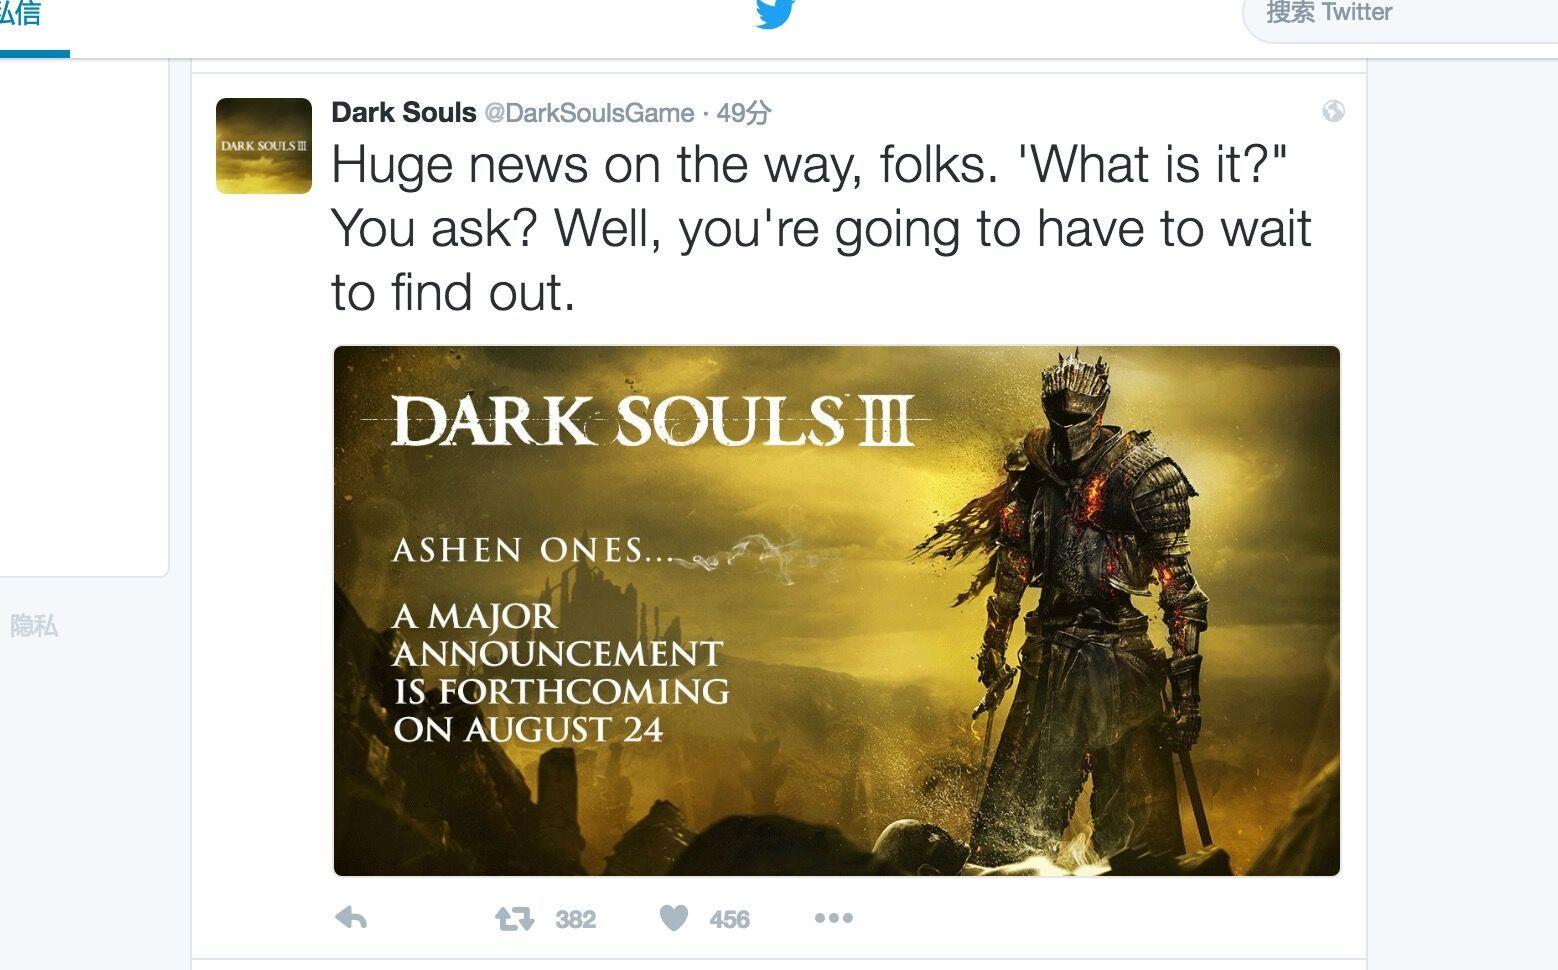 《黑暗之魂3》8月24日公布重大消息